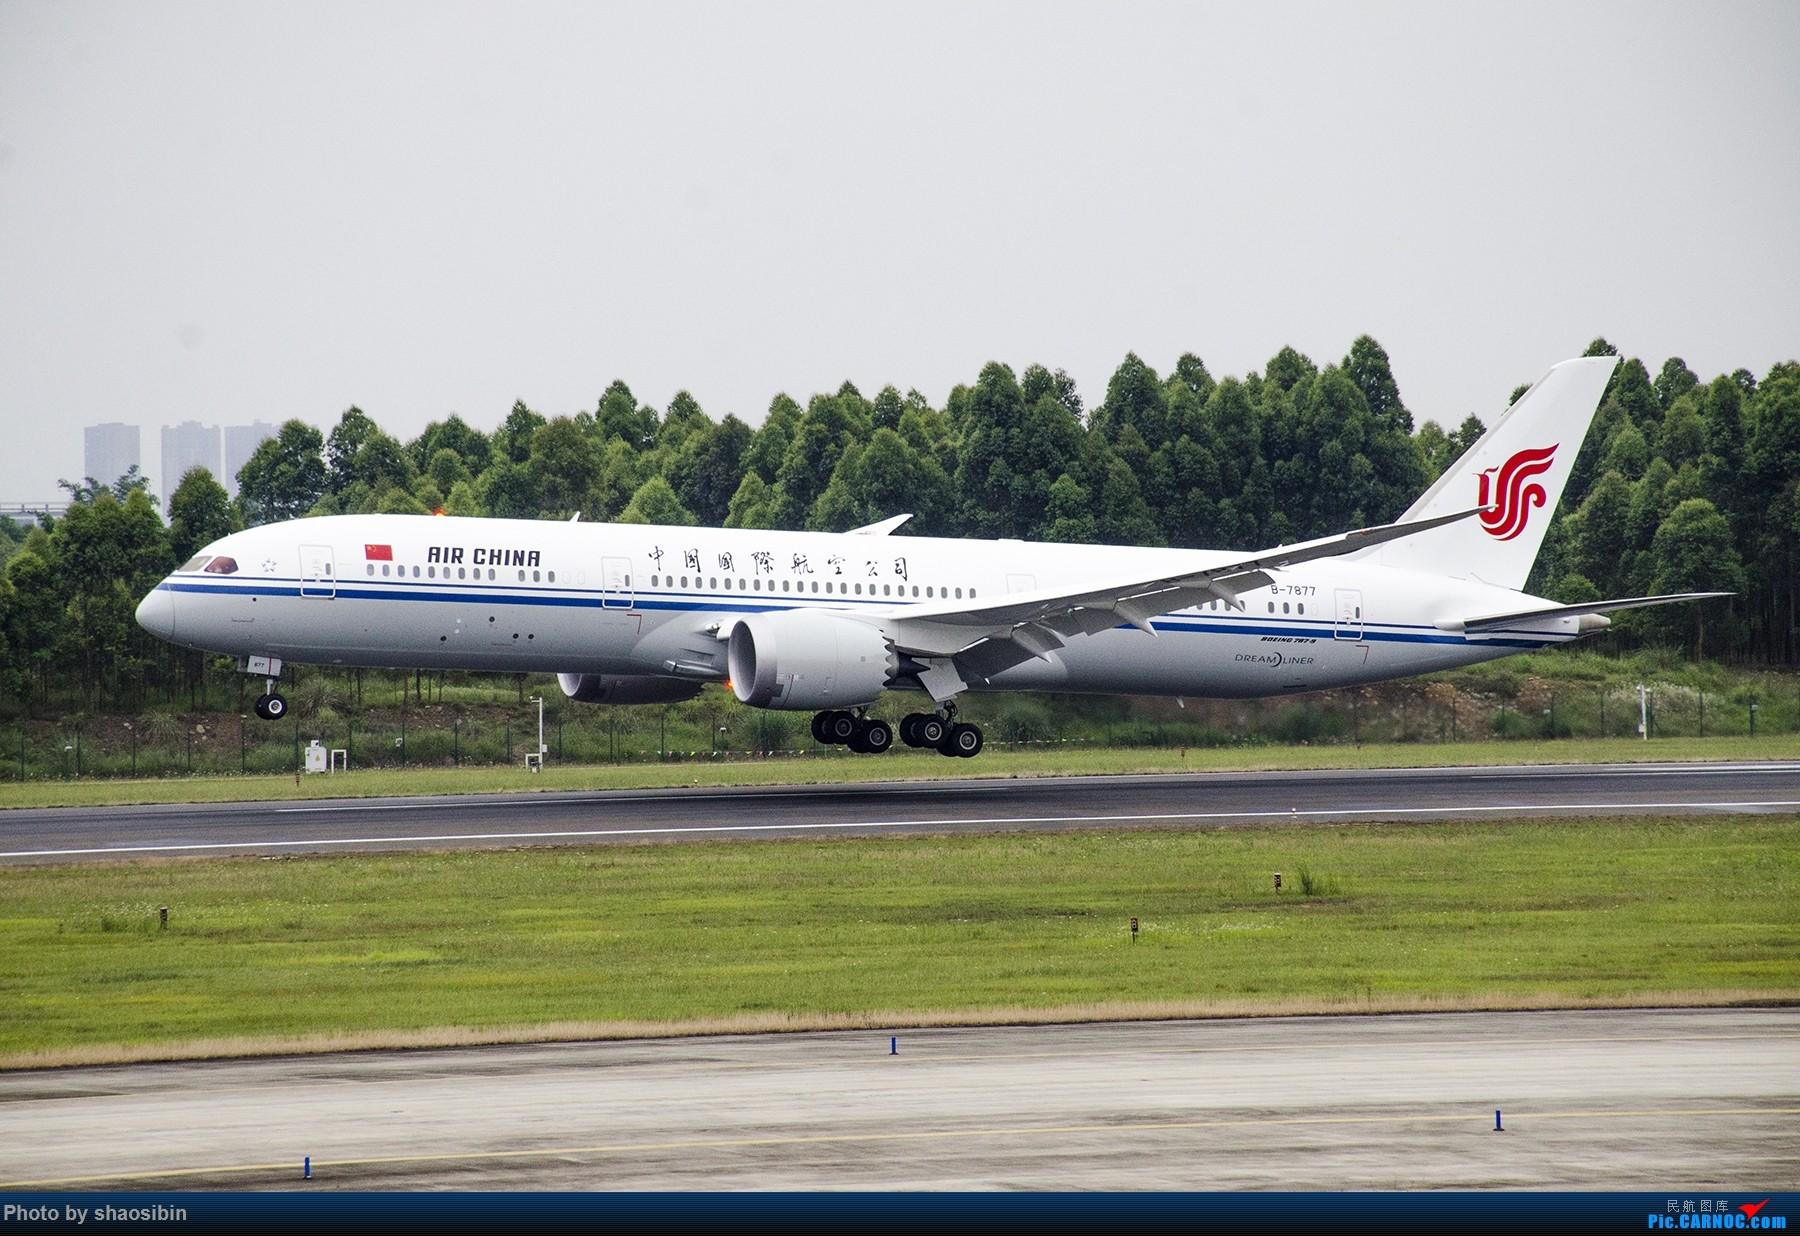 什么�yb�9�jz�y.#��-�.���)�.�_[原创]国航789首航成都 与klm789之涂装对比 boeing 787-9 b-7877